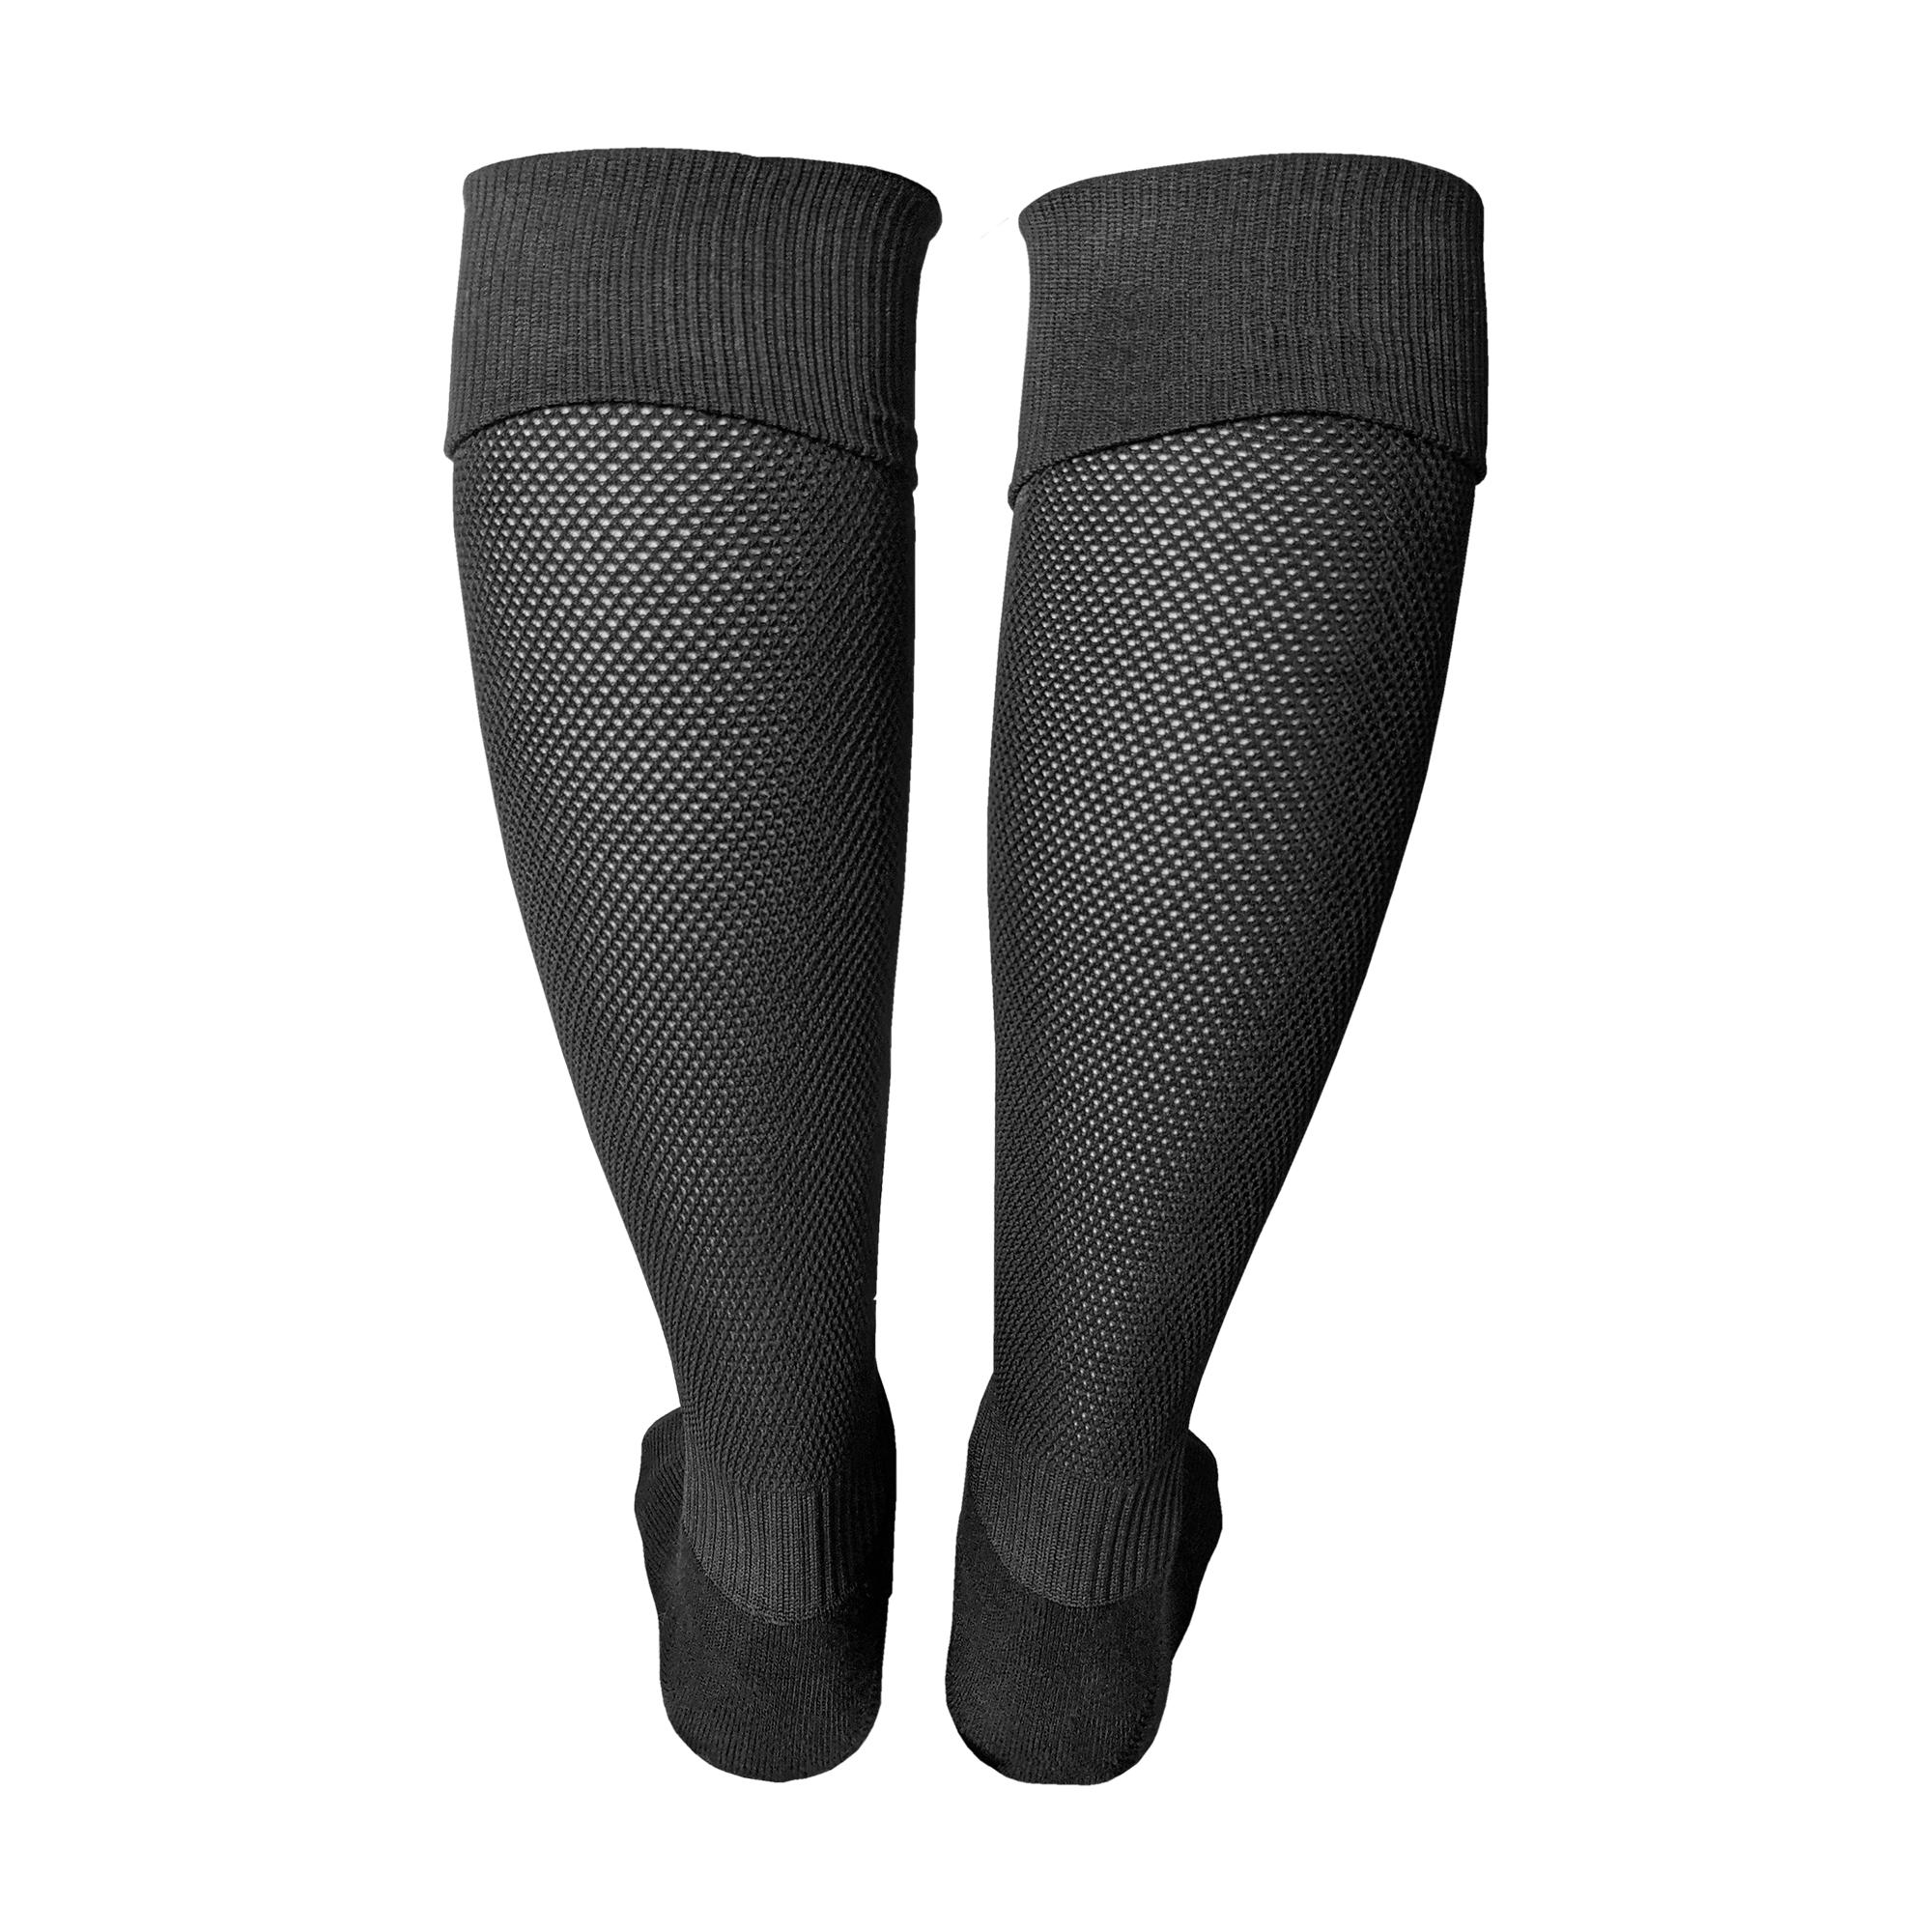 Fußballsutzen / Fußball Socken in schwarz (Hinteransicht)